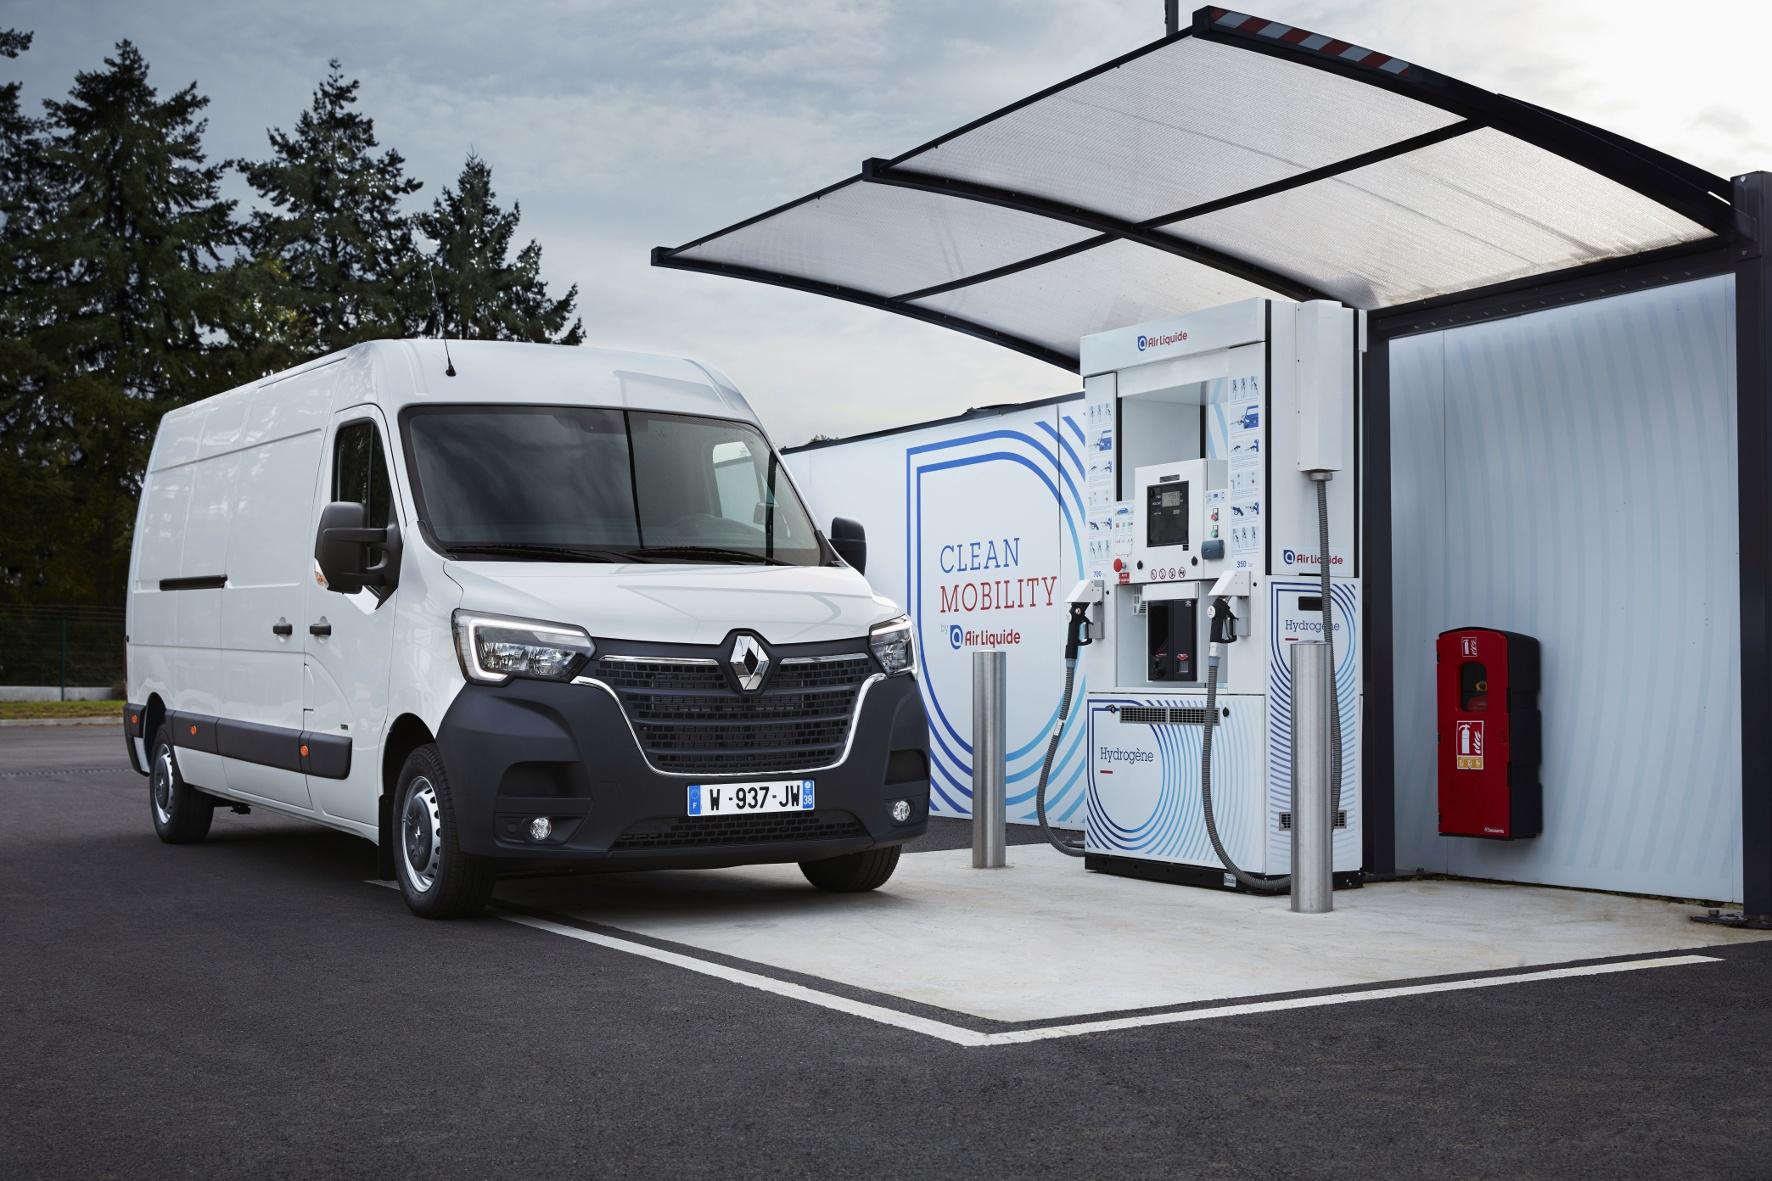 Brennstoffzellen-Fahrzeuge besitzen mehr Reichweite als E-Autos